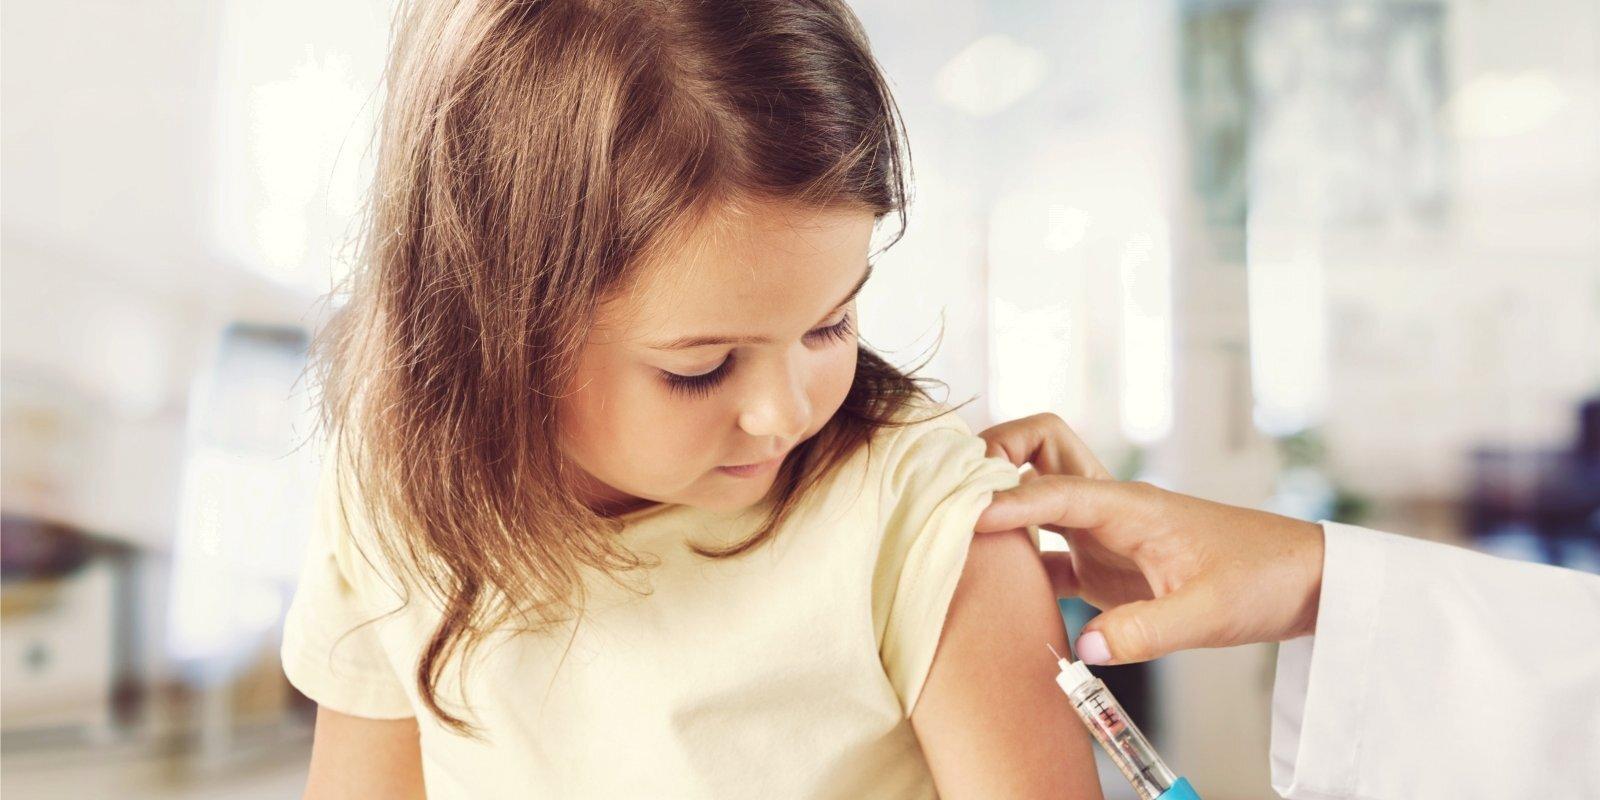 Прививка как страховой полис: в Латвии появилась новая вакцина от рака